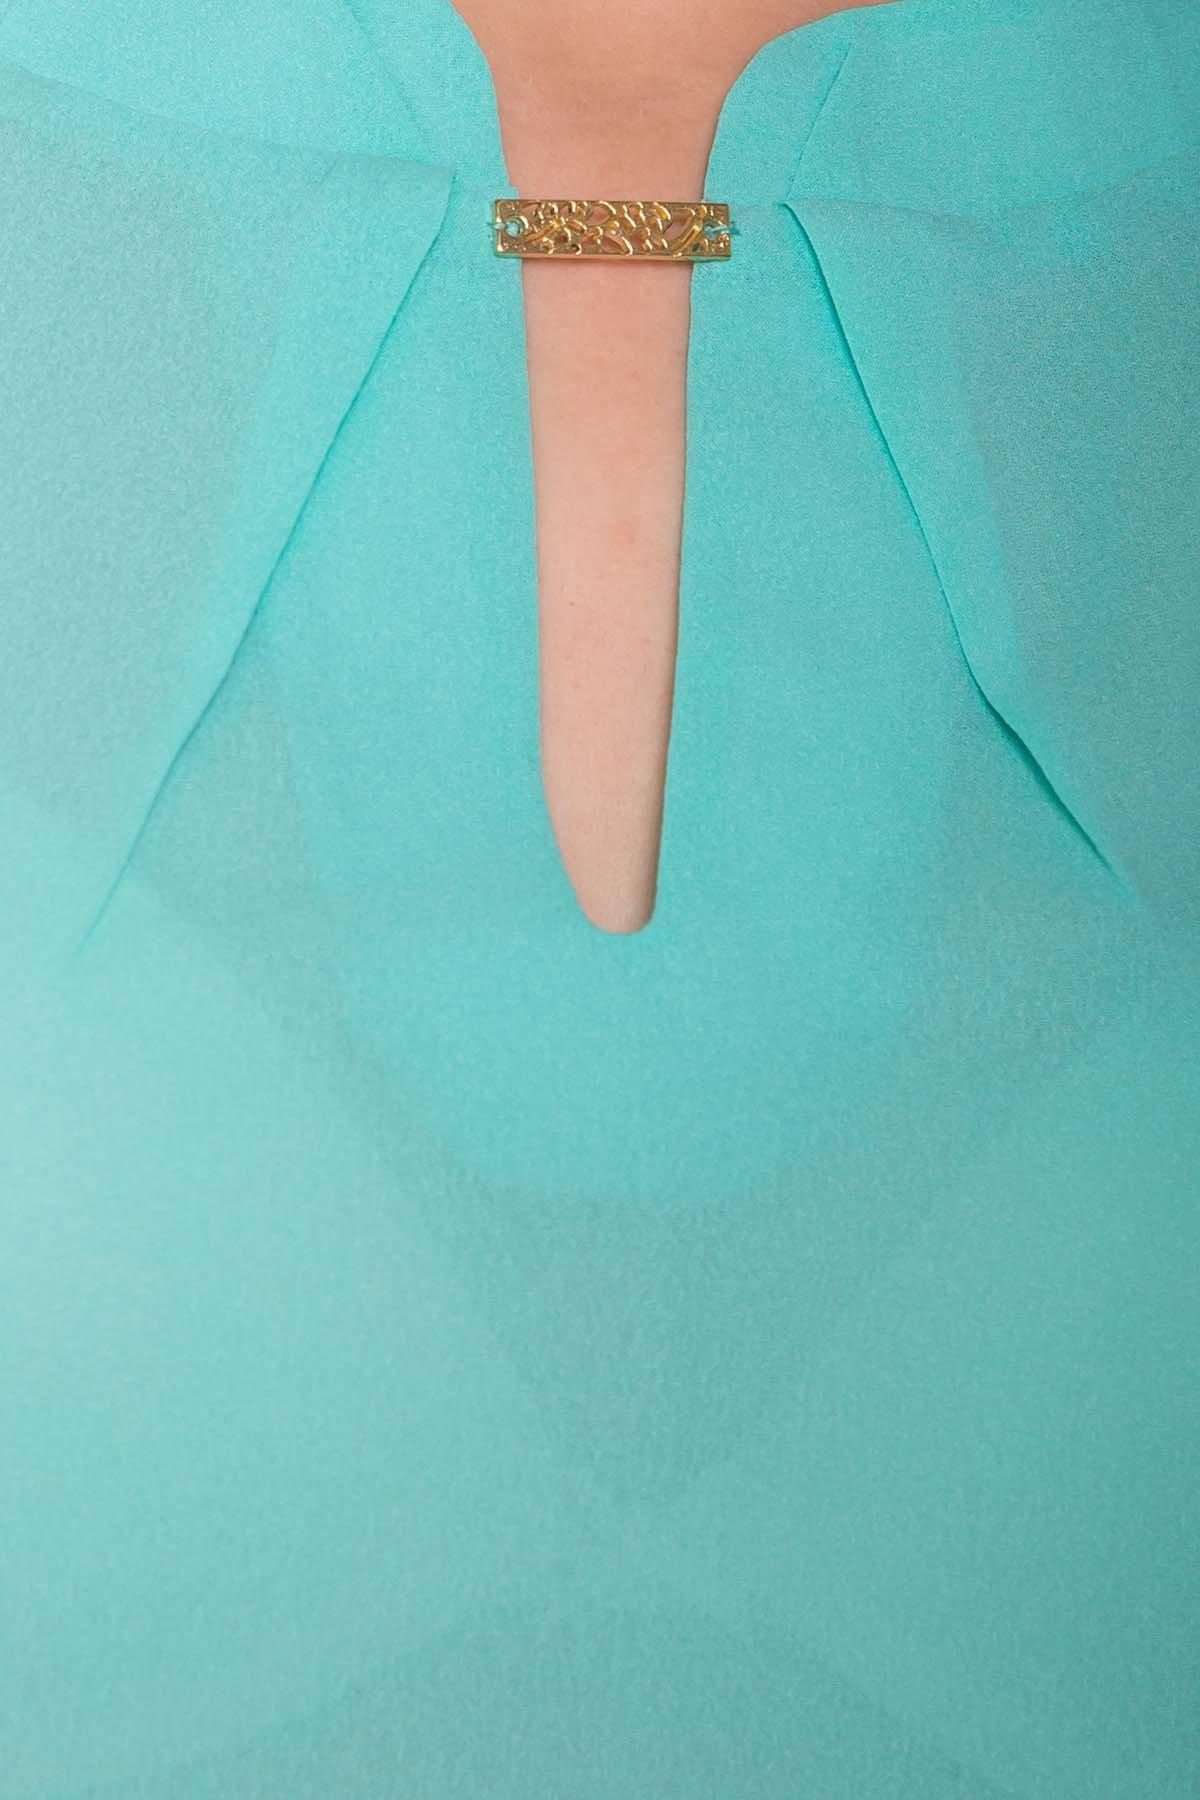 TW Блуза Инканто 0340 АРТ. 15338 Цвет: Мята - фото 4, интернет магазин tm-modus.ru